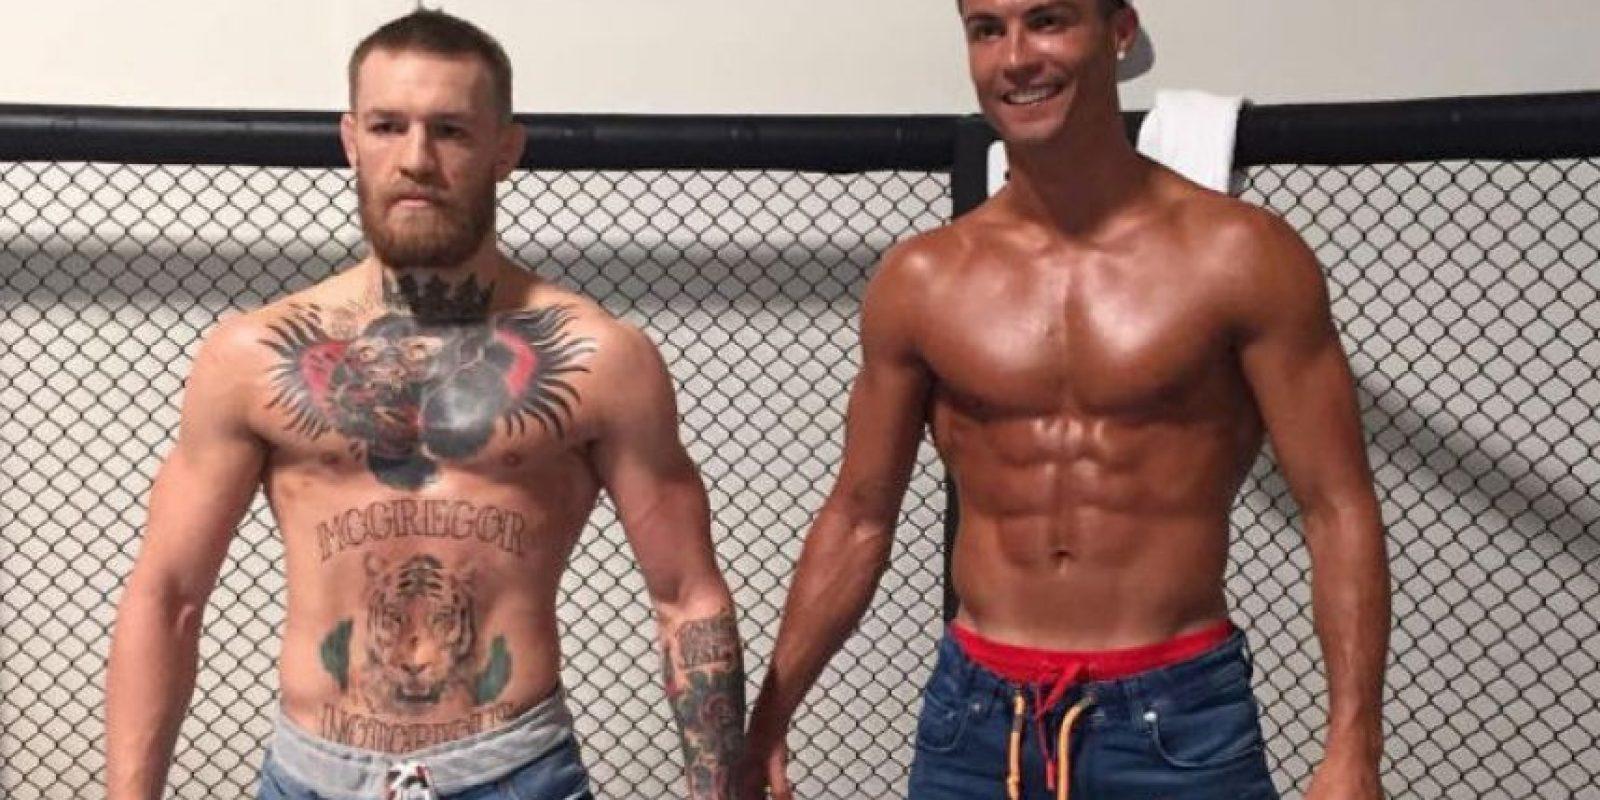 En la jaula, al lado de Conor McGregor Foto:Vía instagram.com/cristiano